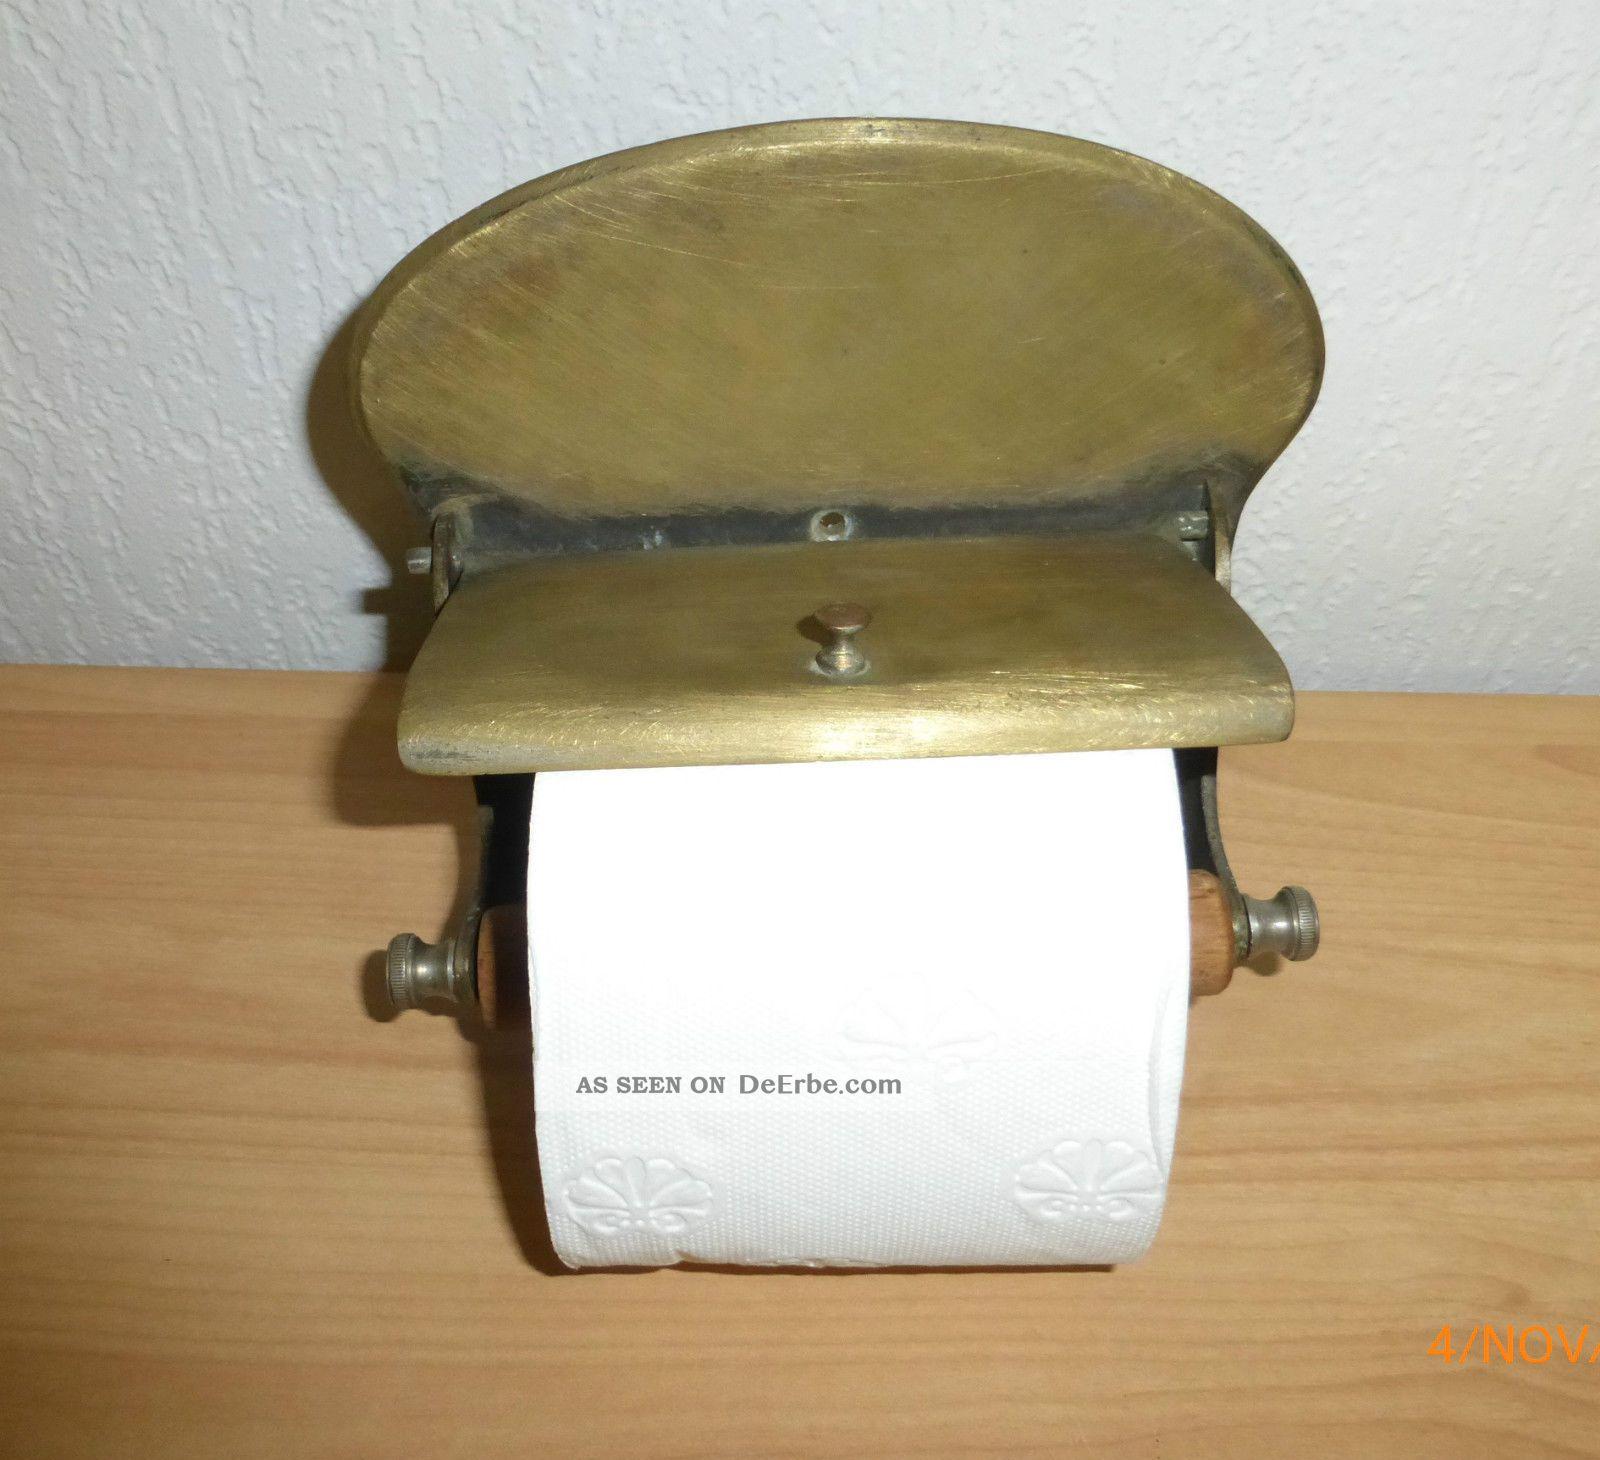 wc rollenhalter klorollenhalter art deco vintage shabby chic. Black Bedroom Furniture Sets. Home Design Ideas